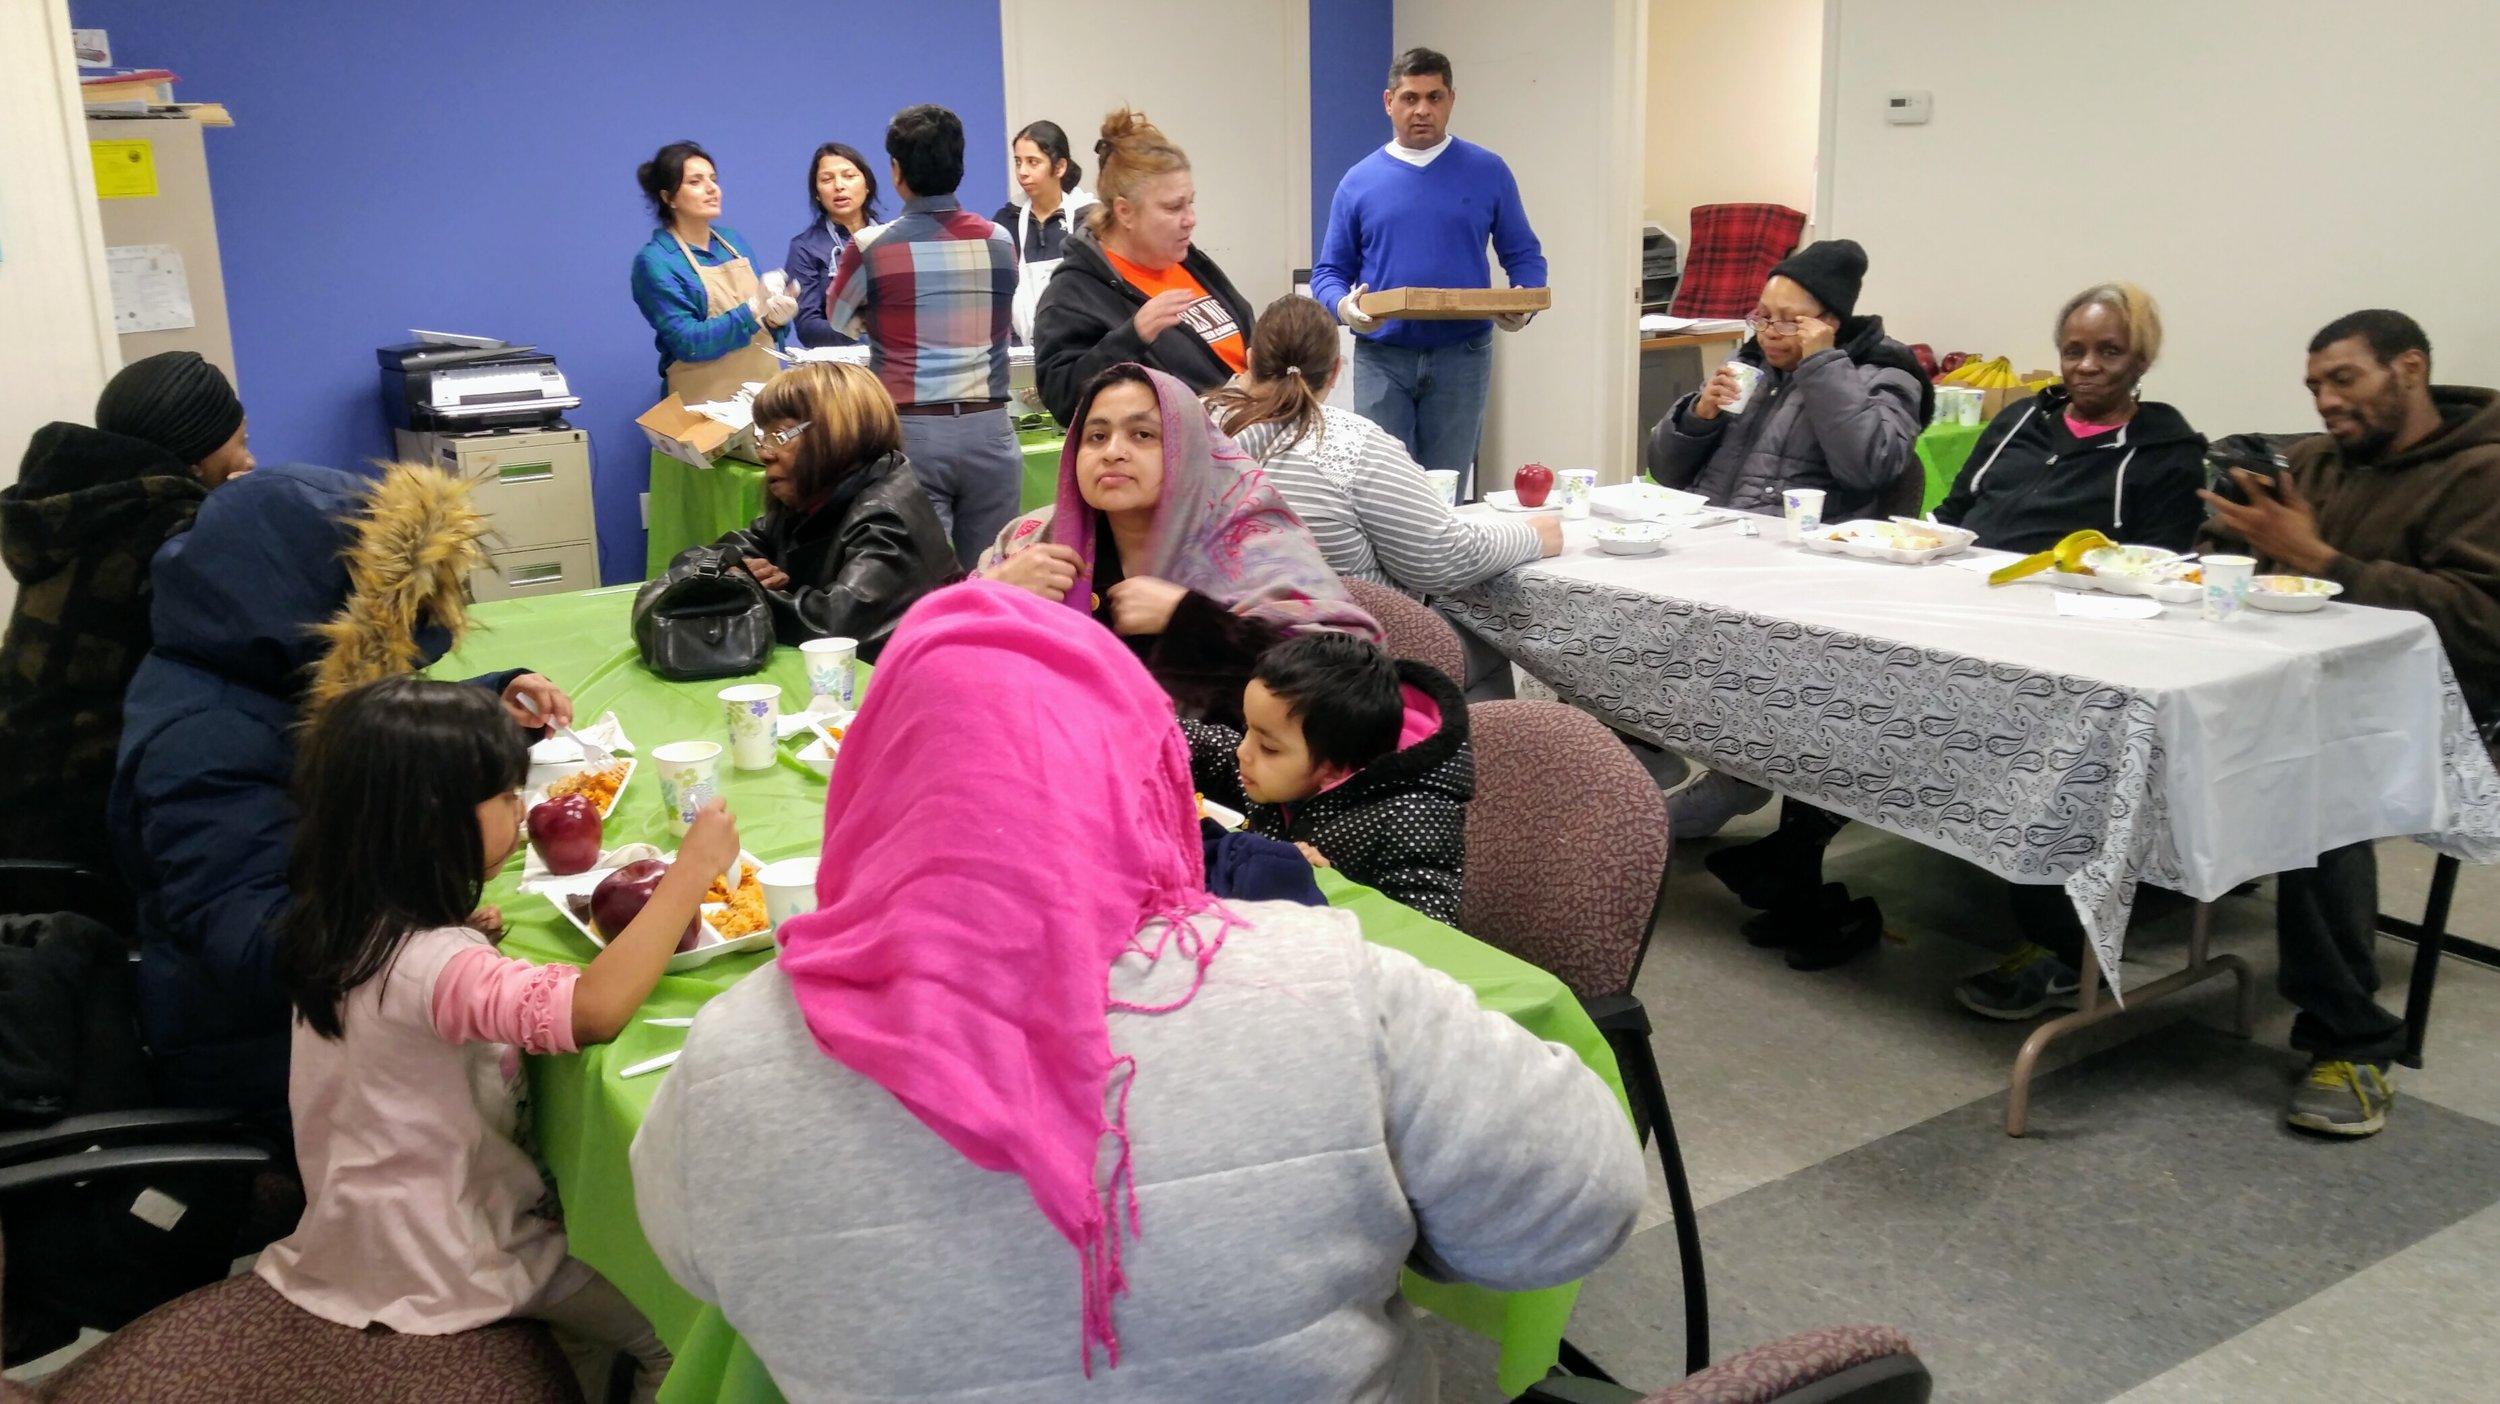 4th Sunday Supper Club -